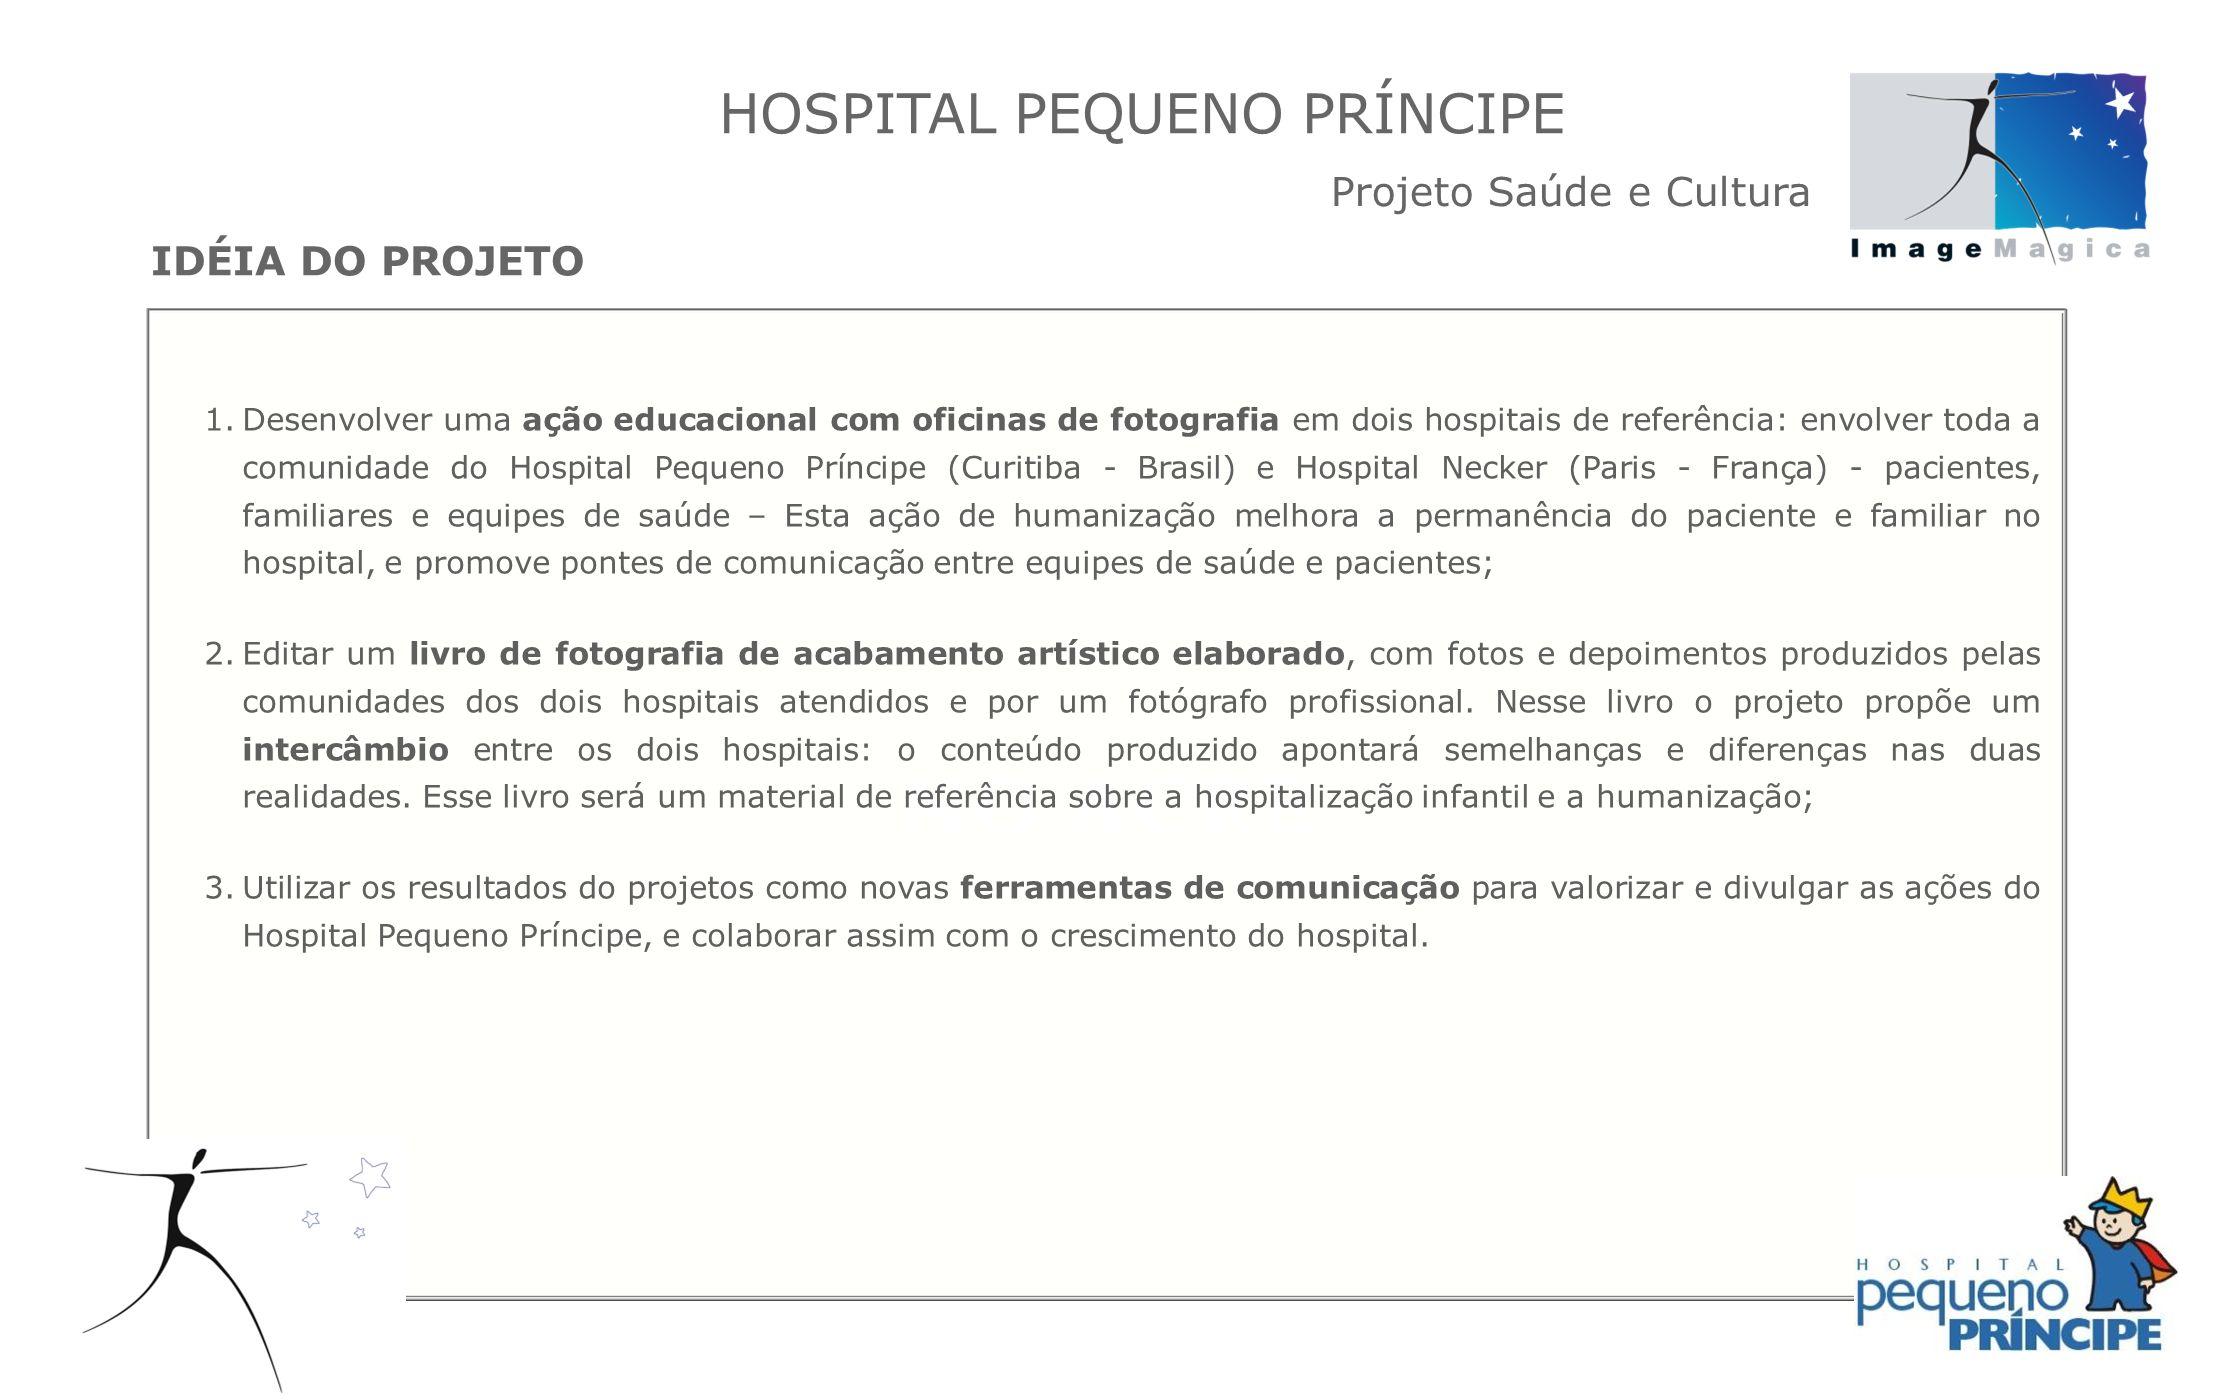 IDÉIA DO PROJETO 1.Desenvolver uma ação educacional com oficinas de fotografia em dois hospitais de referência: envolver toda a comunidade do Hospital